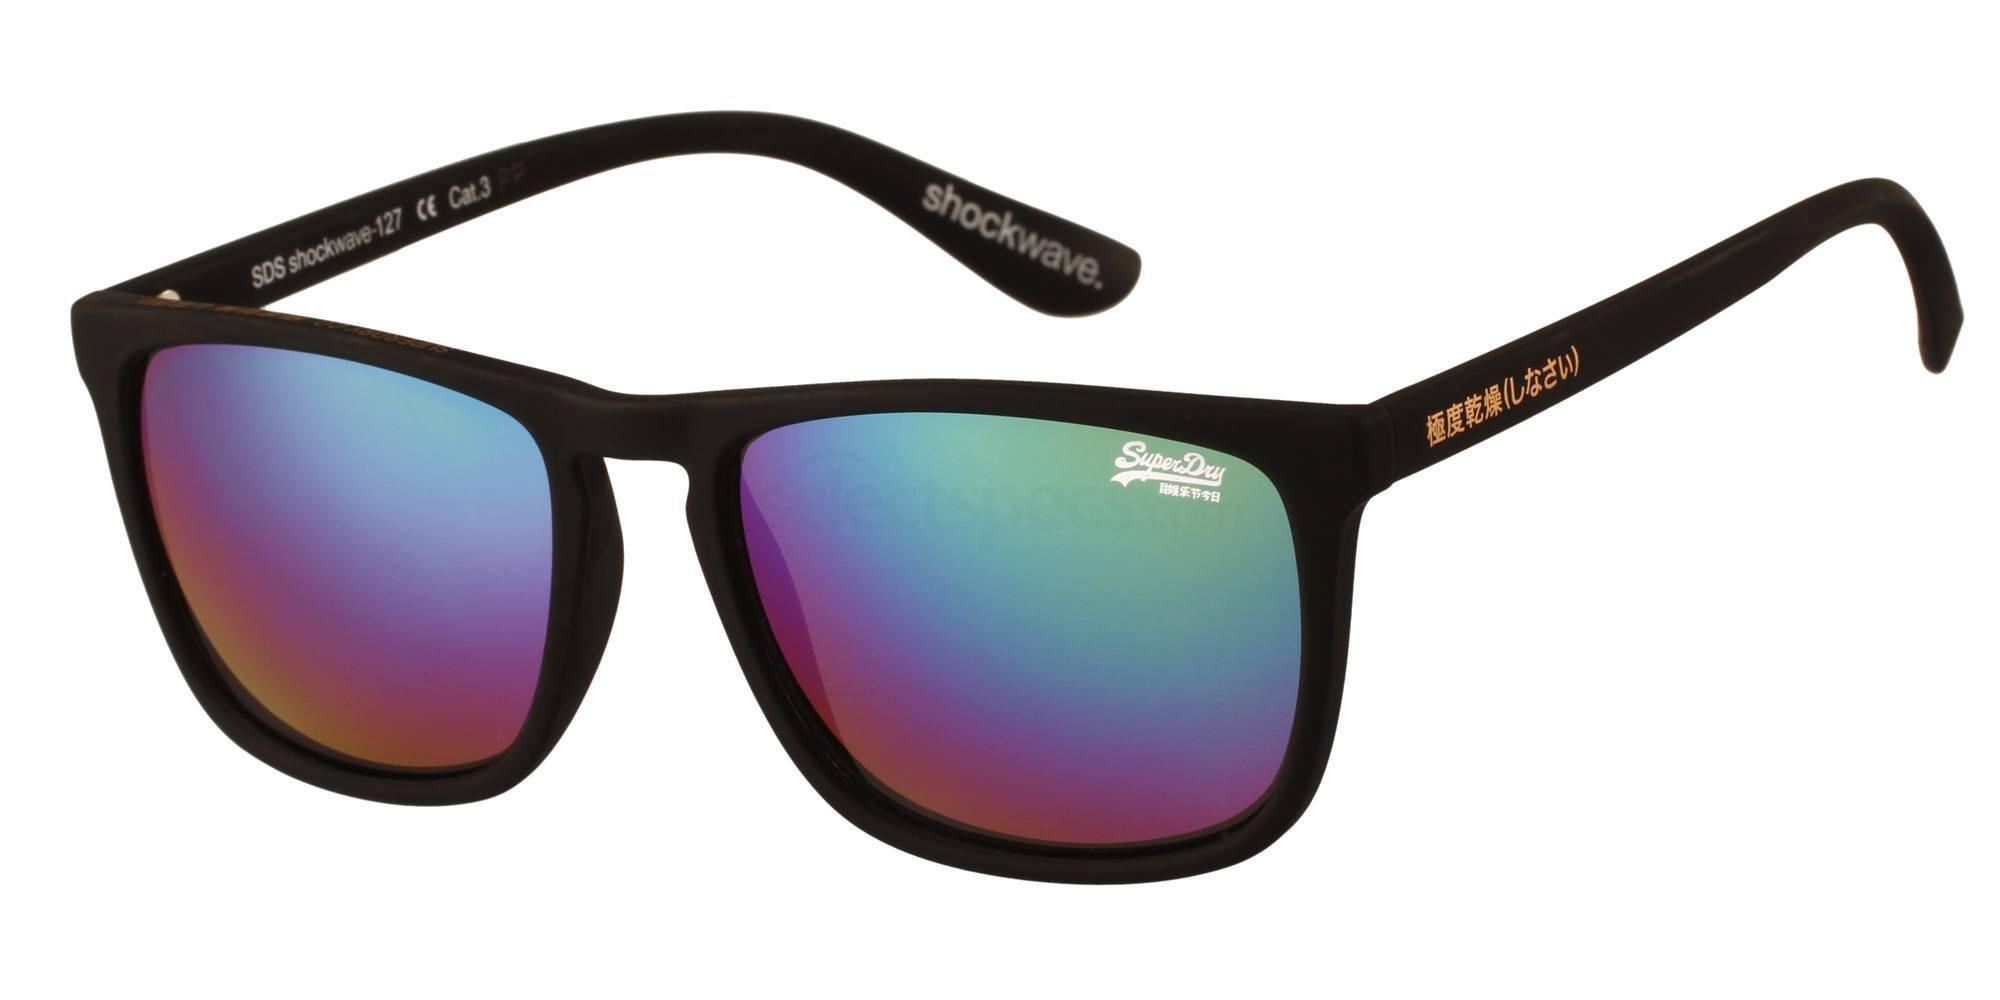 127 SDS-SHOCKWAVE Sunglasses, Superdry